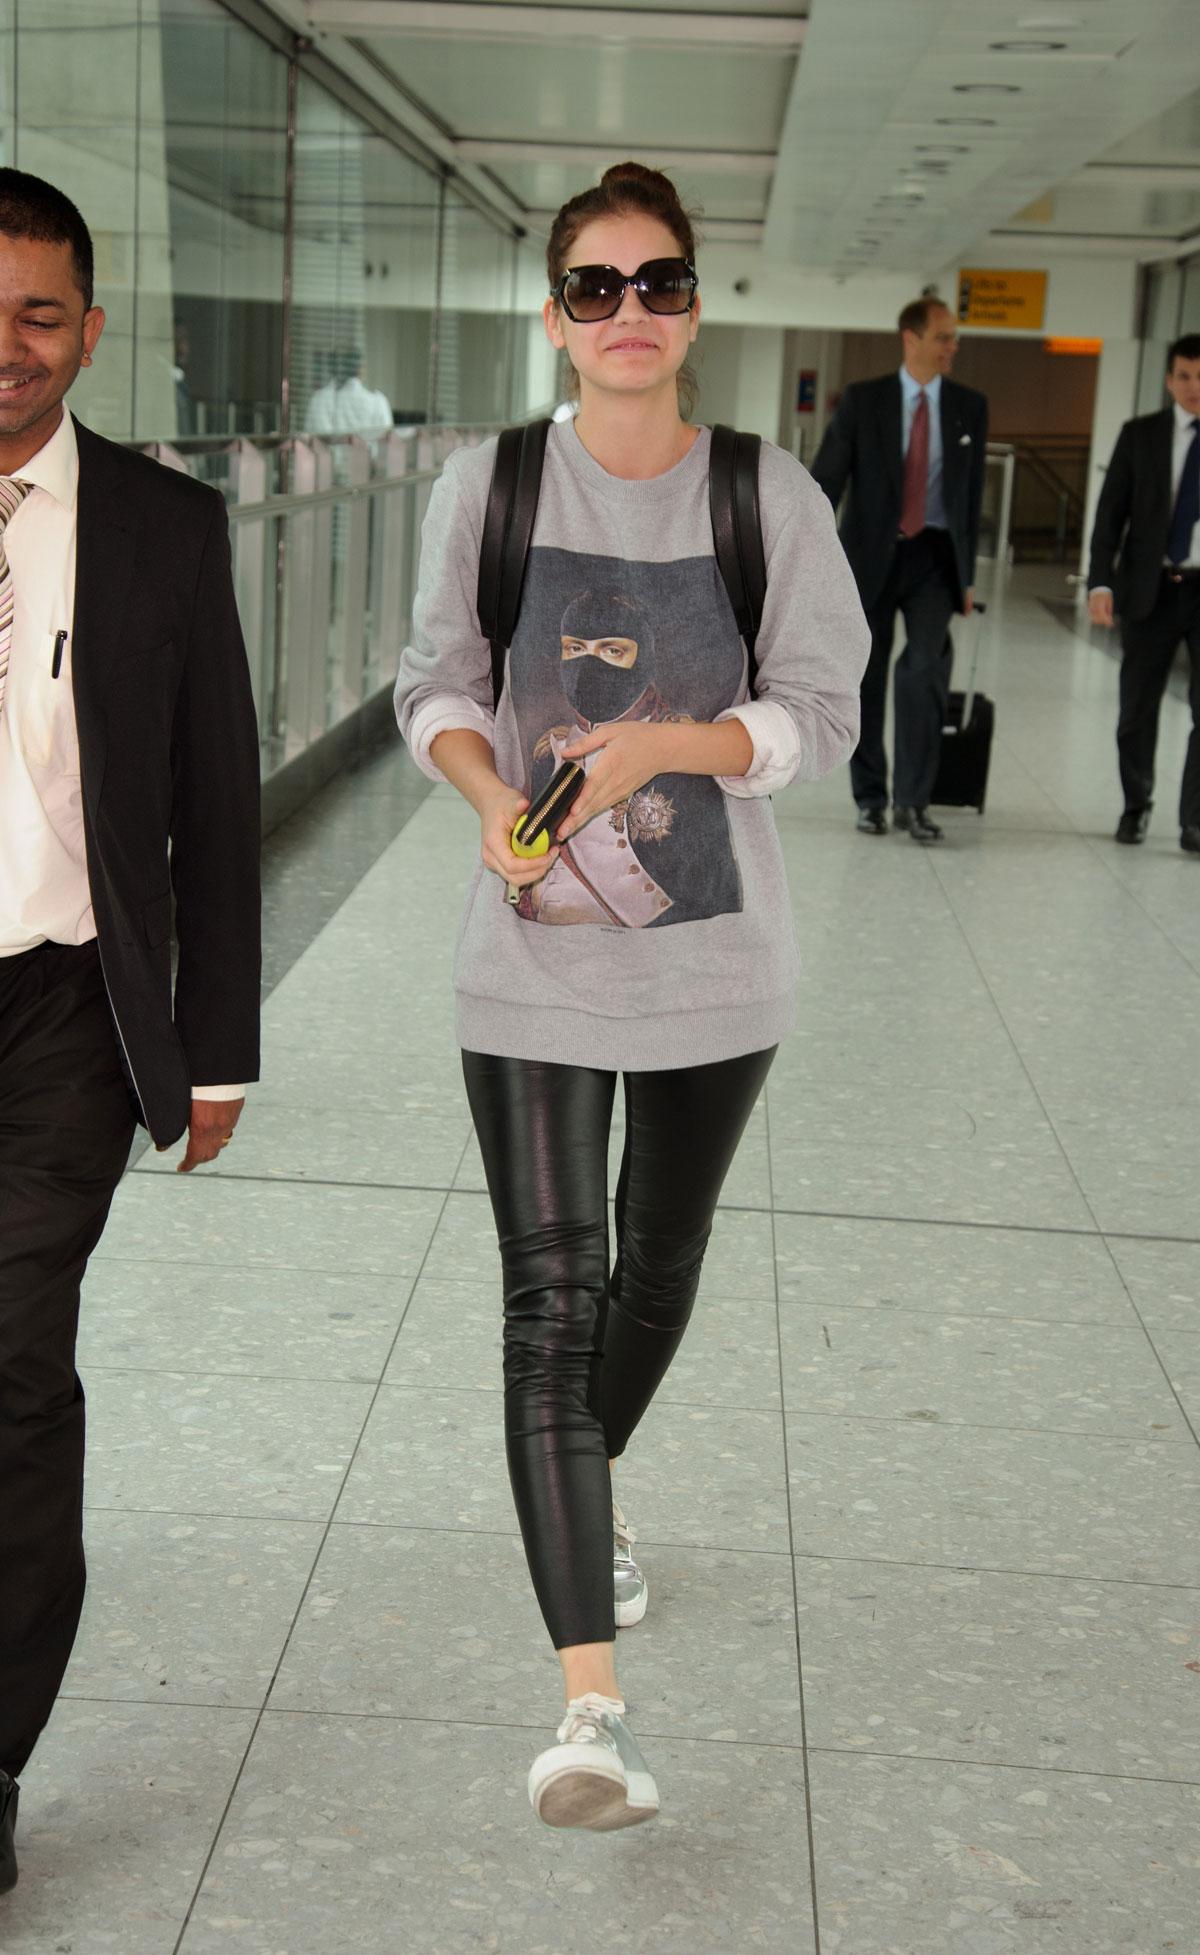 Barbara Palvin at Heathrow airport